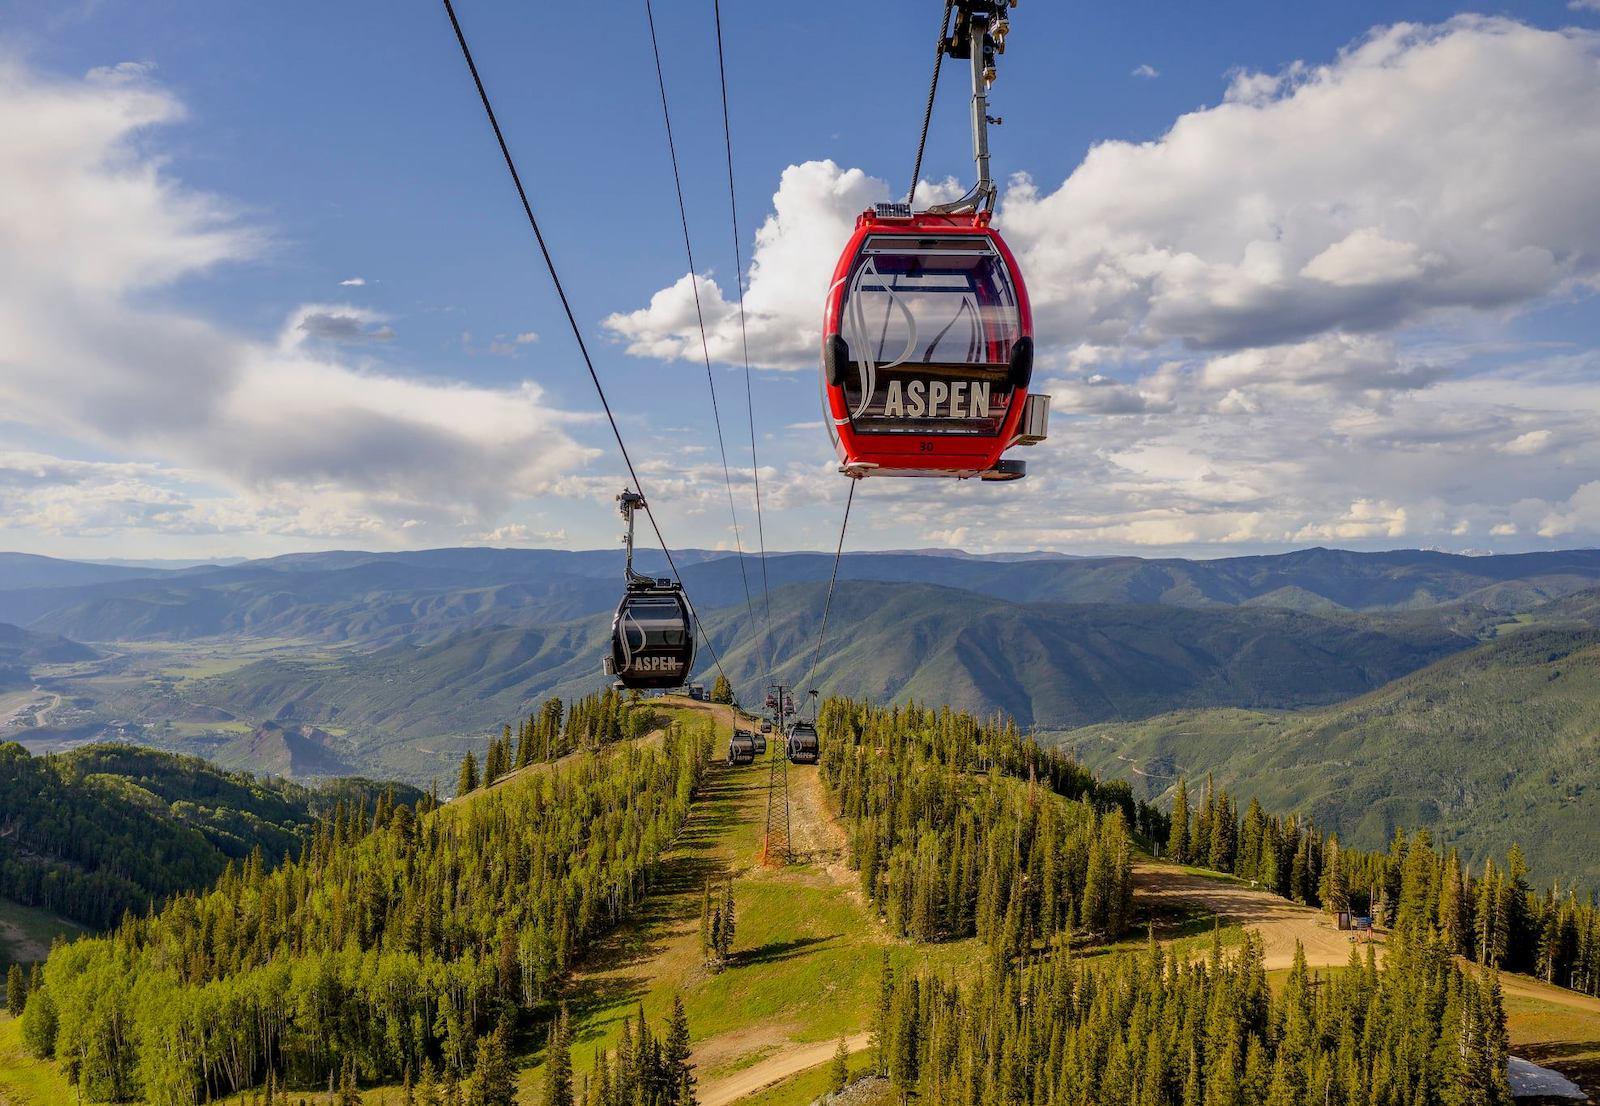 Image of the Silver Queen Gondola at Aspen Mountain, Colorado during the summer